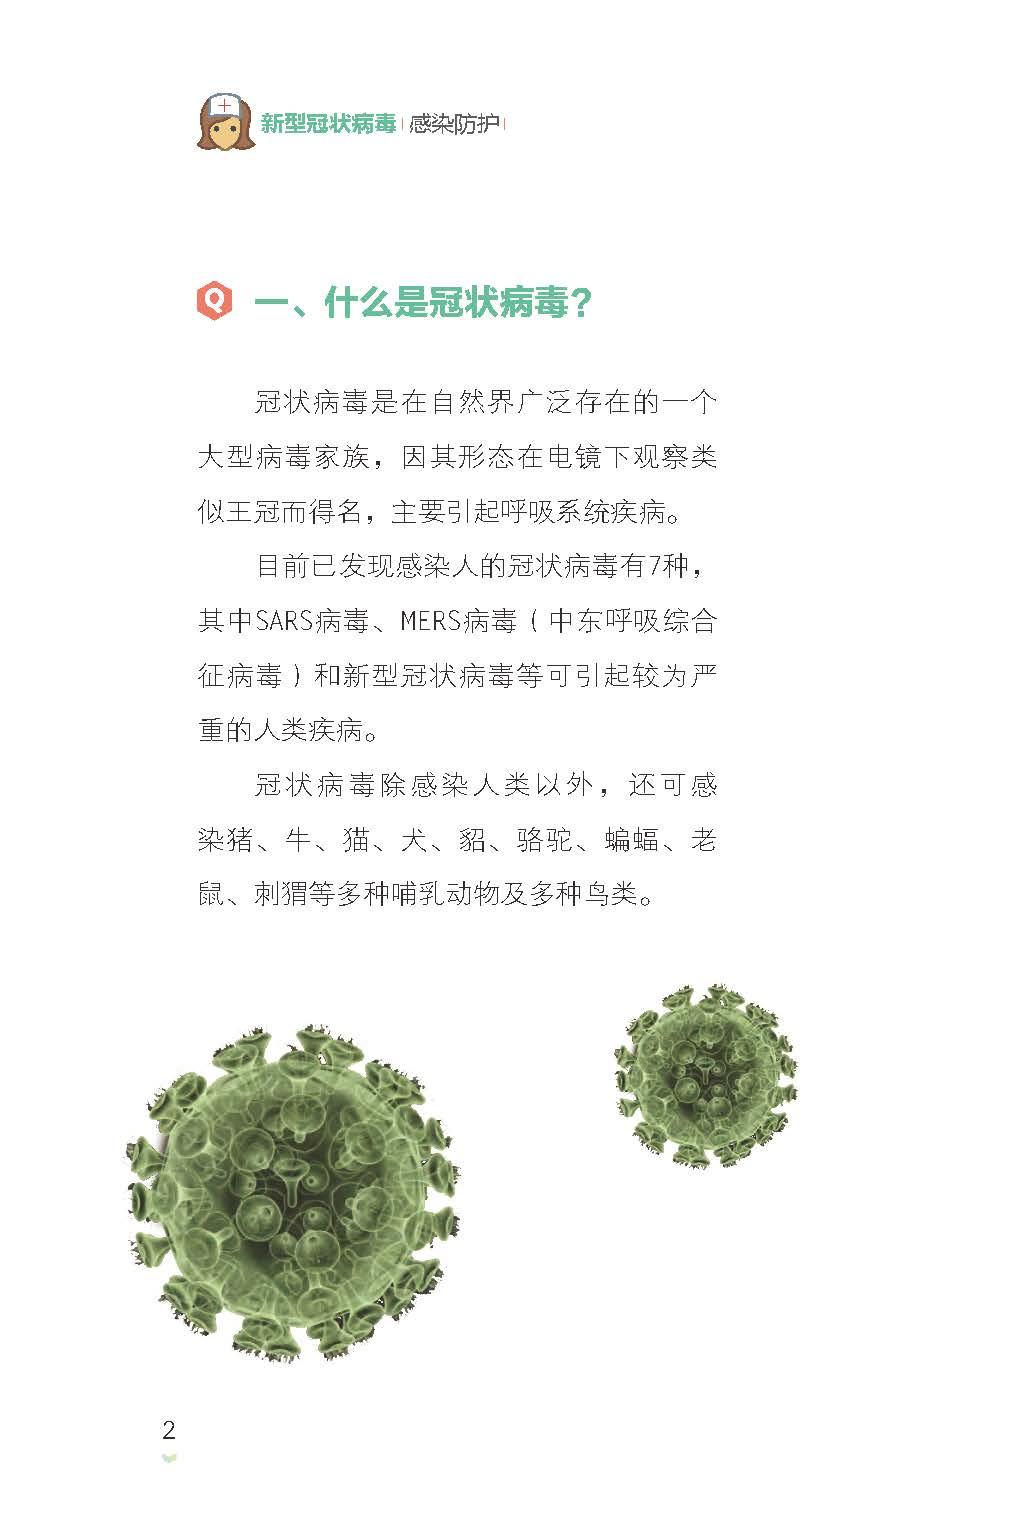 《新型冠状病毒感染防护》最全电子版,做好防护的随身宝